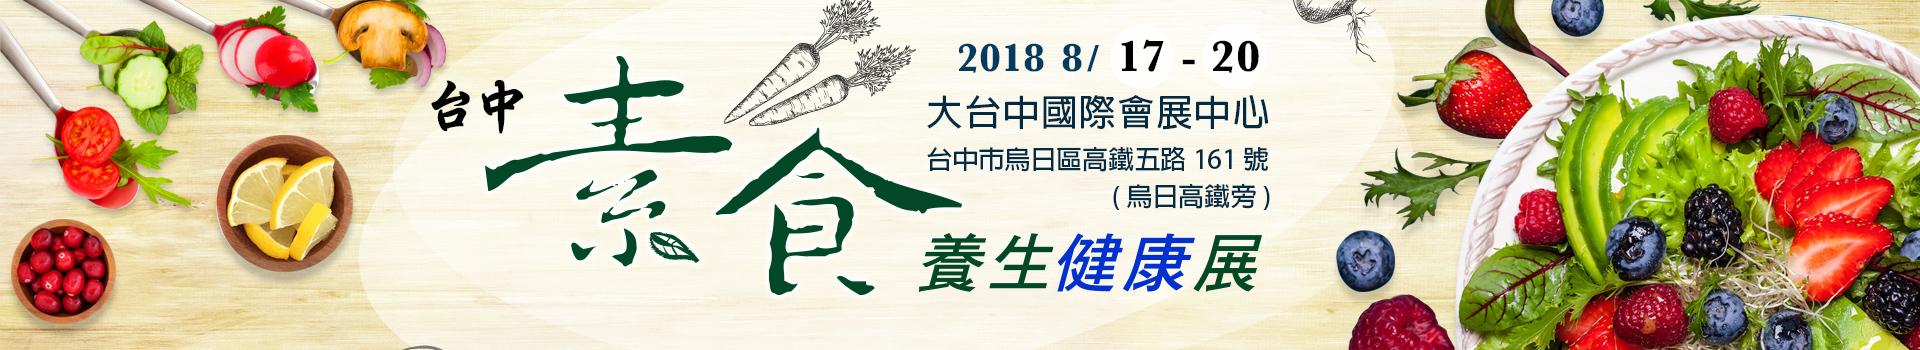 08/17-20台中素食養生健康展|大台中國際會展中心